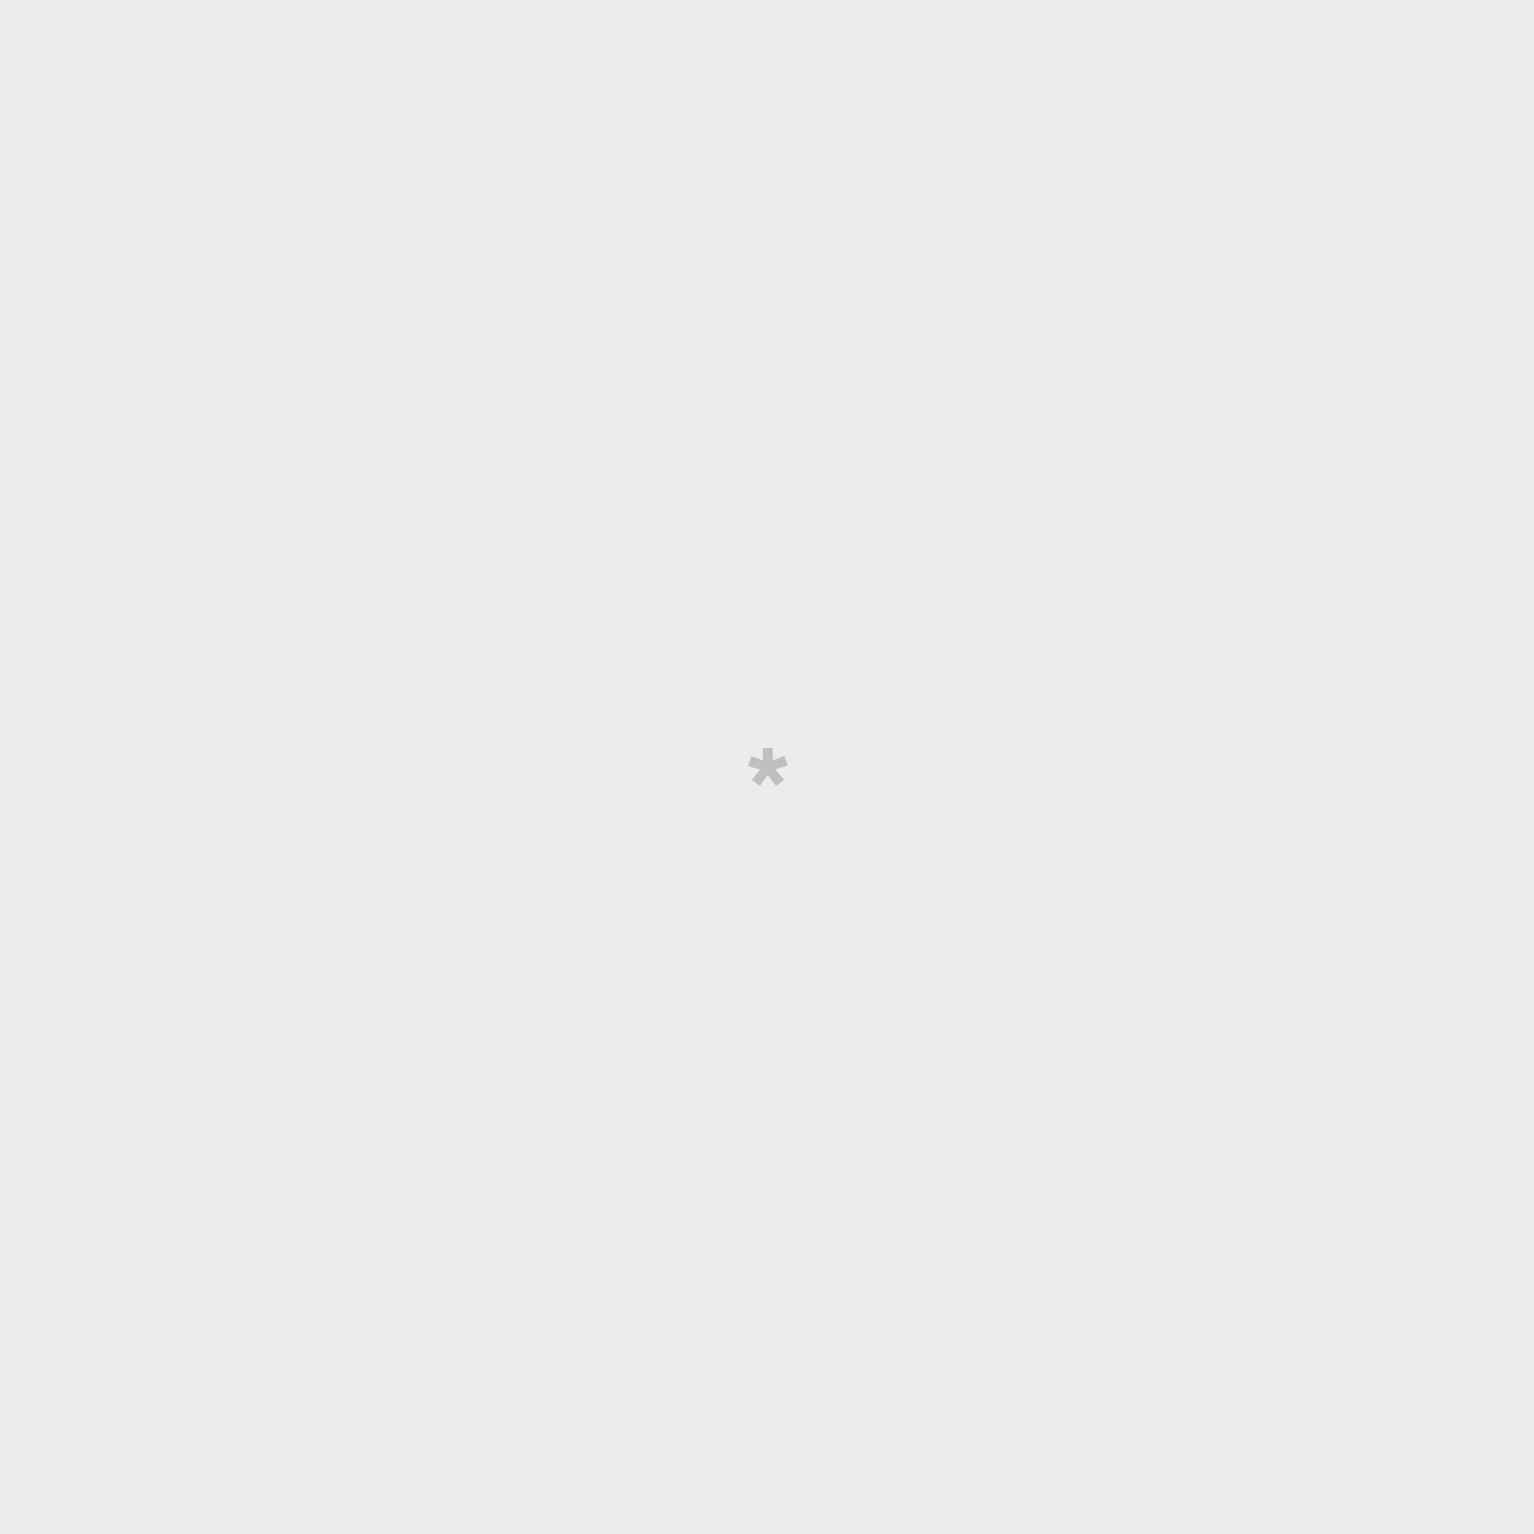 Planificador de estudio - Dejen paso que este curso arraso